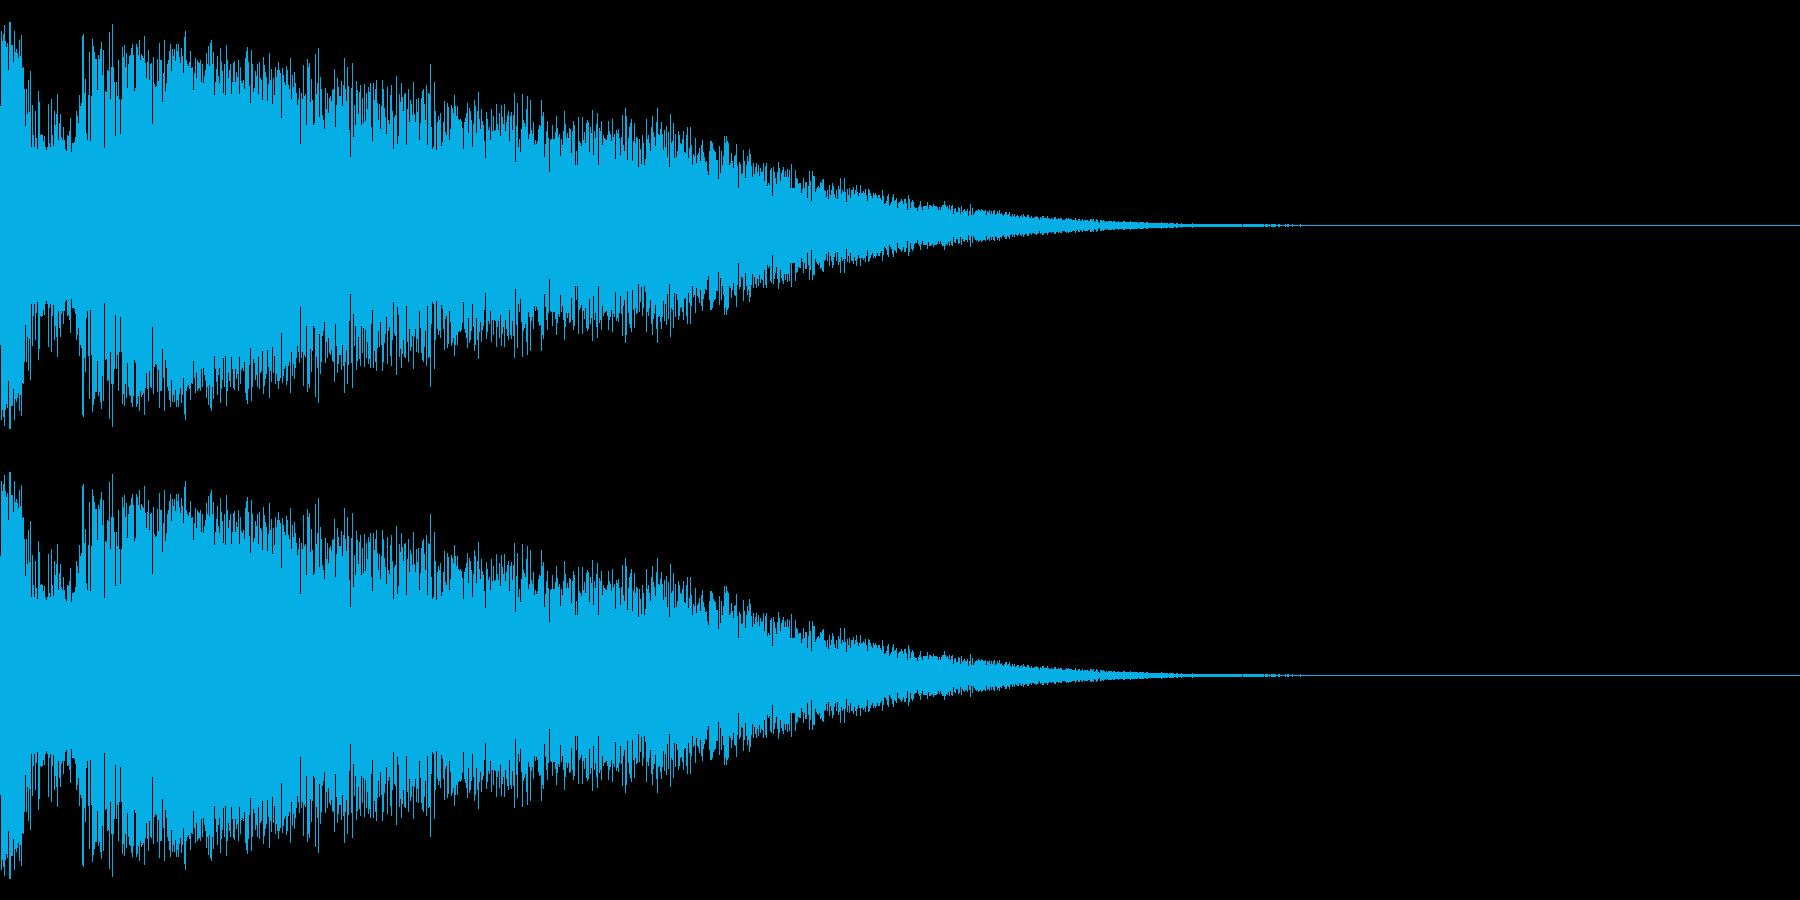 小規模な爆発またはミサイルなどの発射音の再生済みの波形